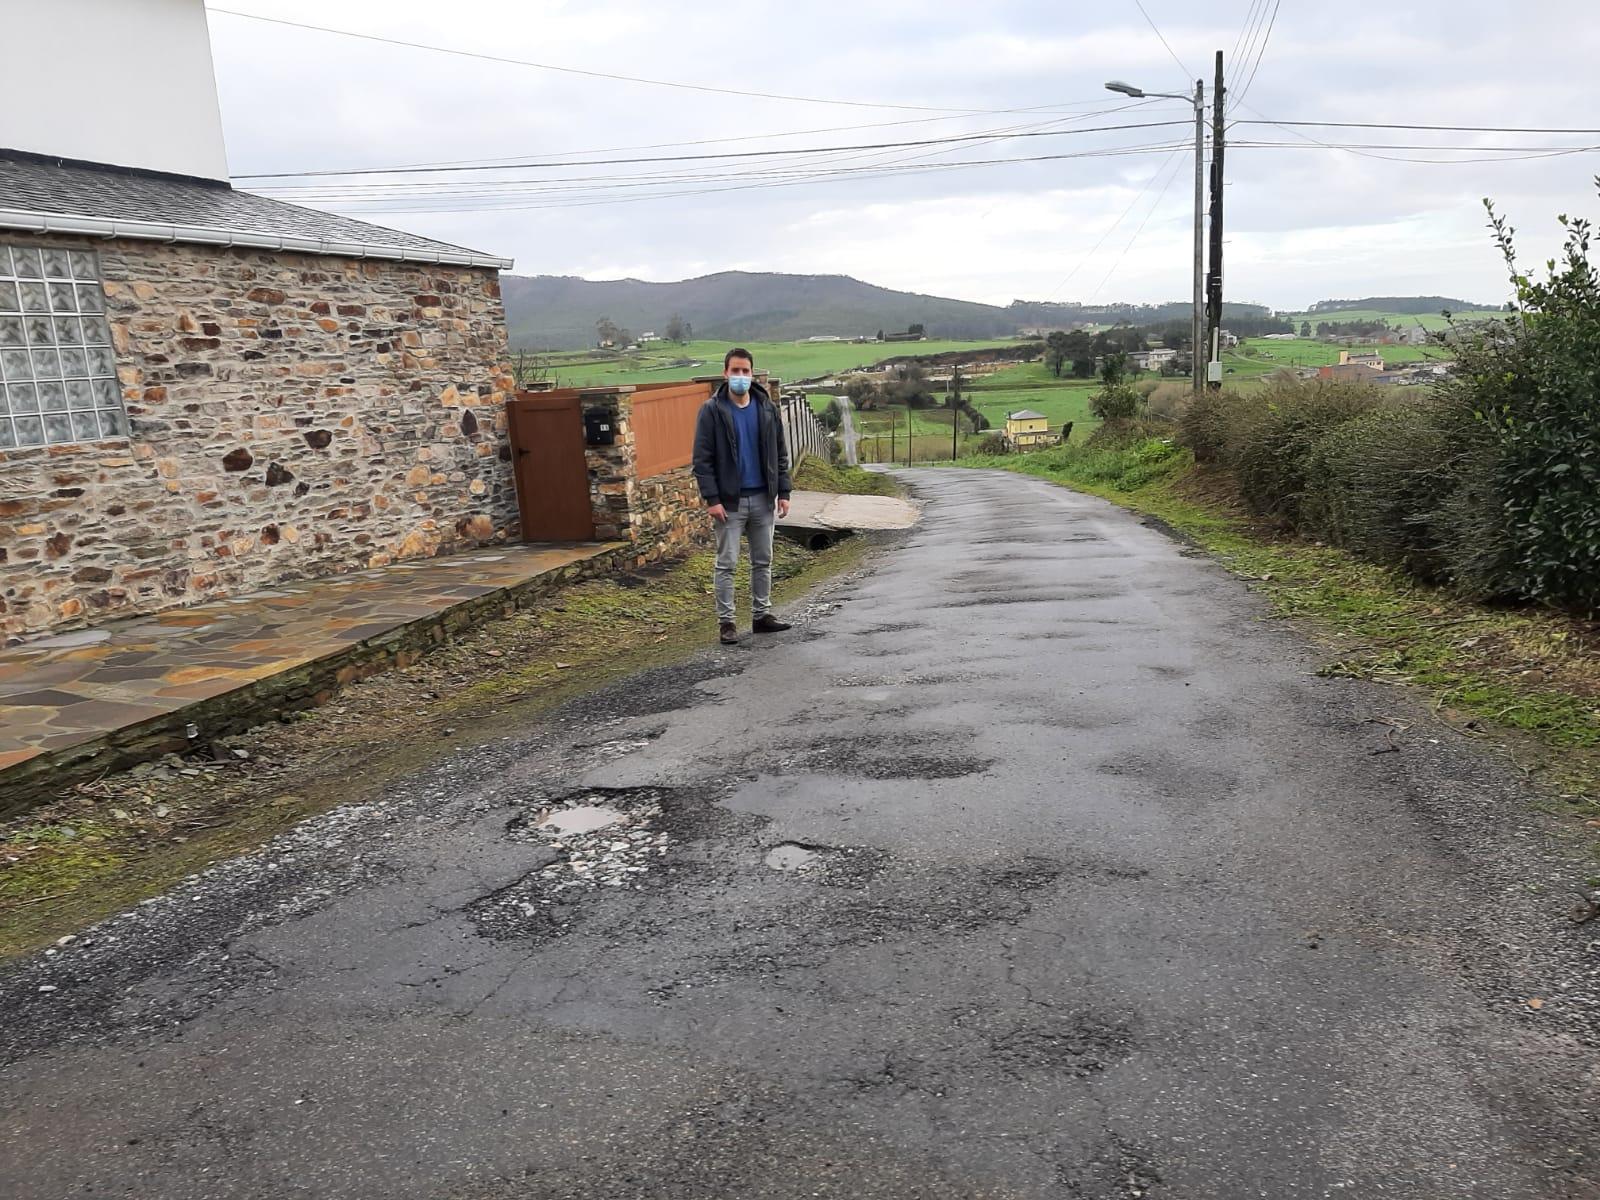 O Concello de Foz solicita o aglomerado de camiños en Mañente e adxudica a renovación do firme na subida a Vilela, en San Martiño, ao abeiro do Plan de Mellora de Camiños da Axencia Galega de Desenvolvemento Rural